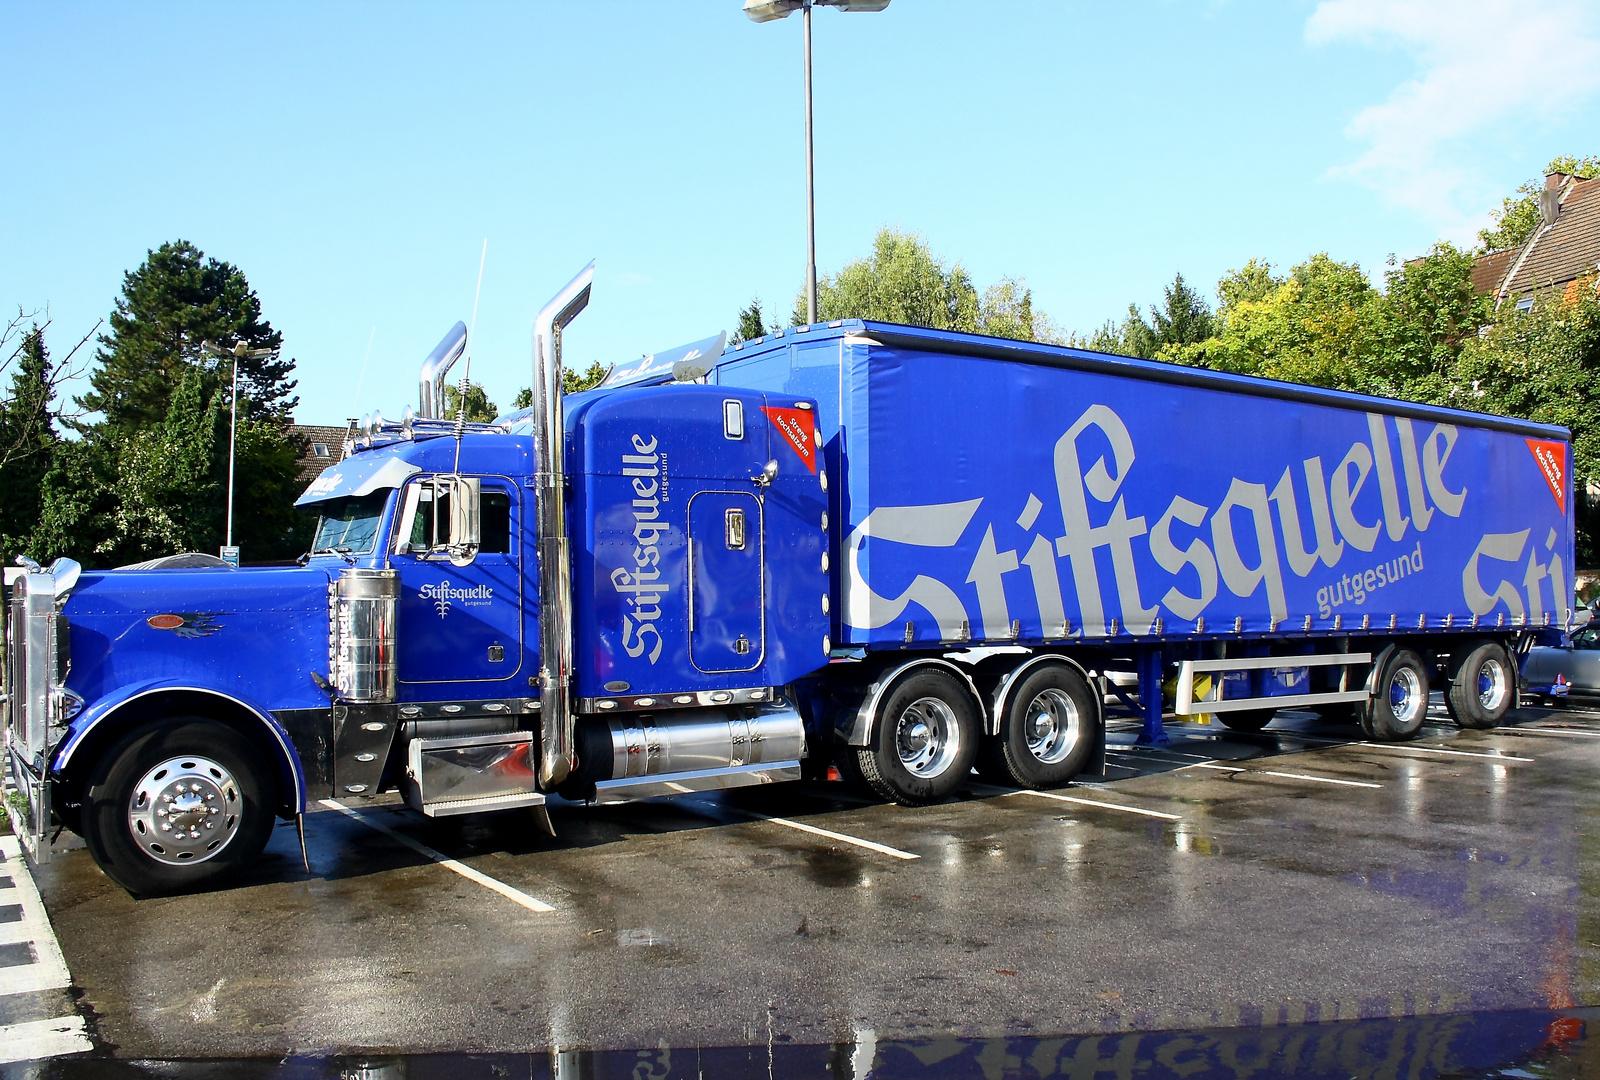 Der Stiftsquelle - Truck in Recklinghausen